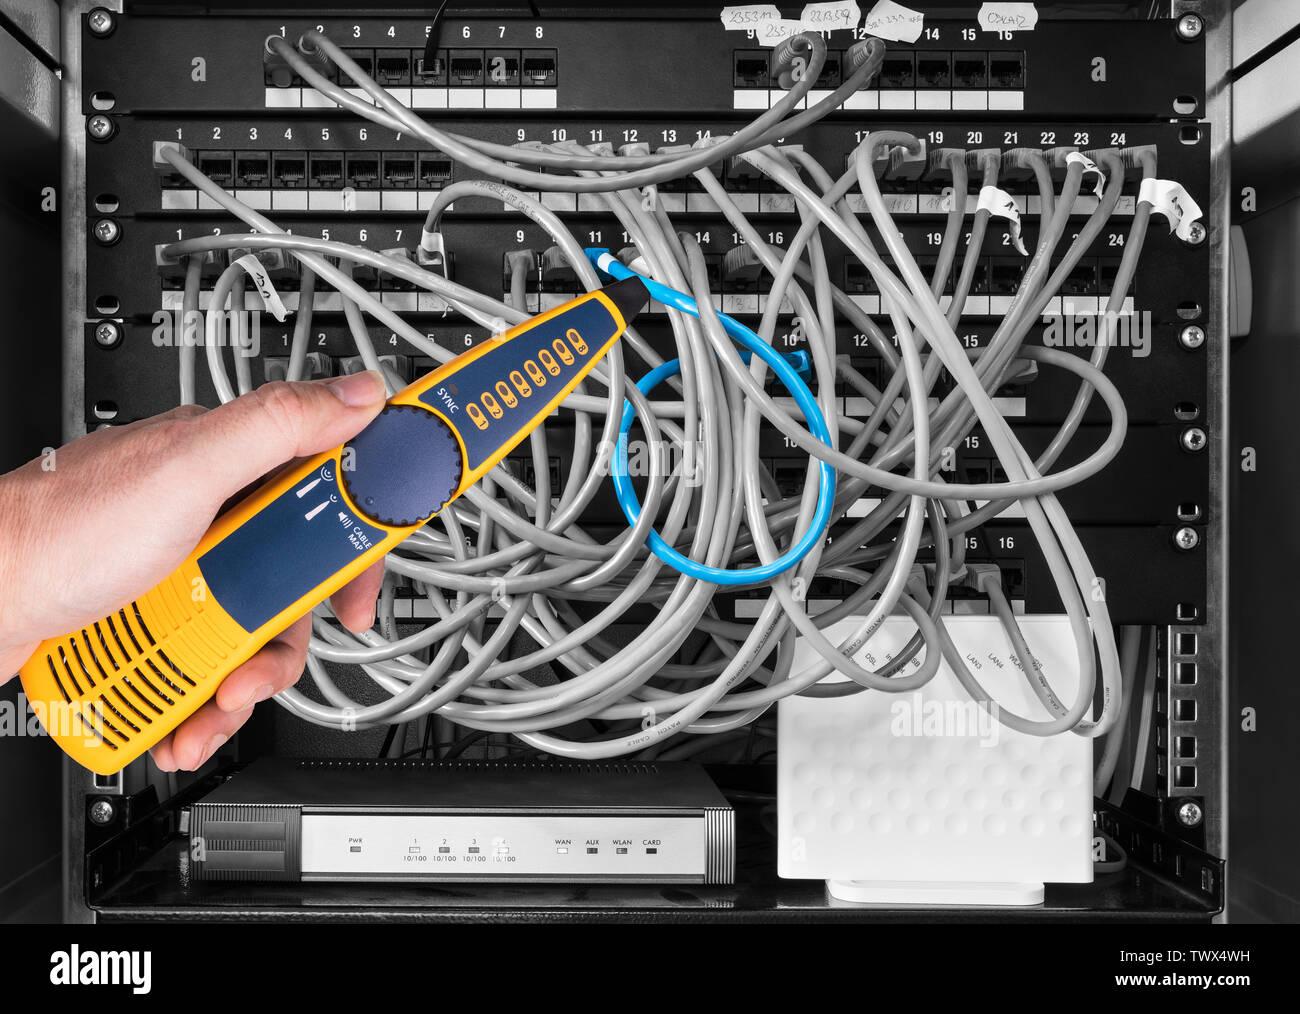 Kecheer Rilevatore di cavi rete,Tester per cavi di rete,Tester di rete e cavi,Tester per tensione e corrente PoE Checker con funzione Illuminate